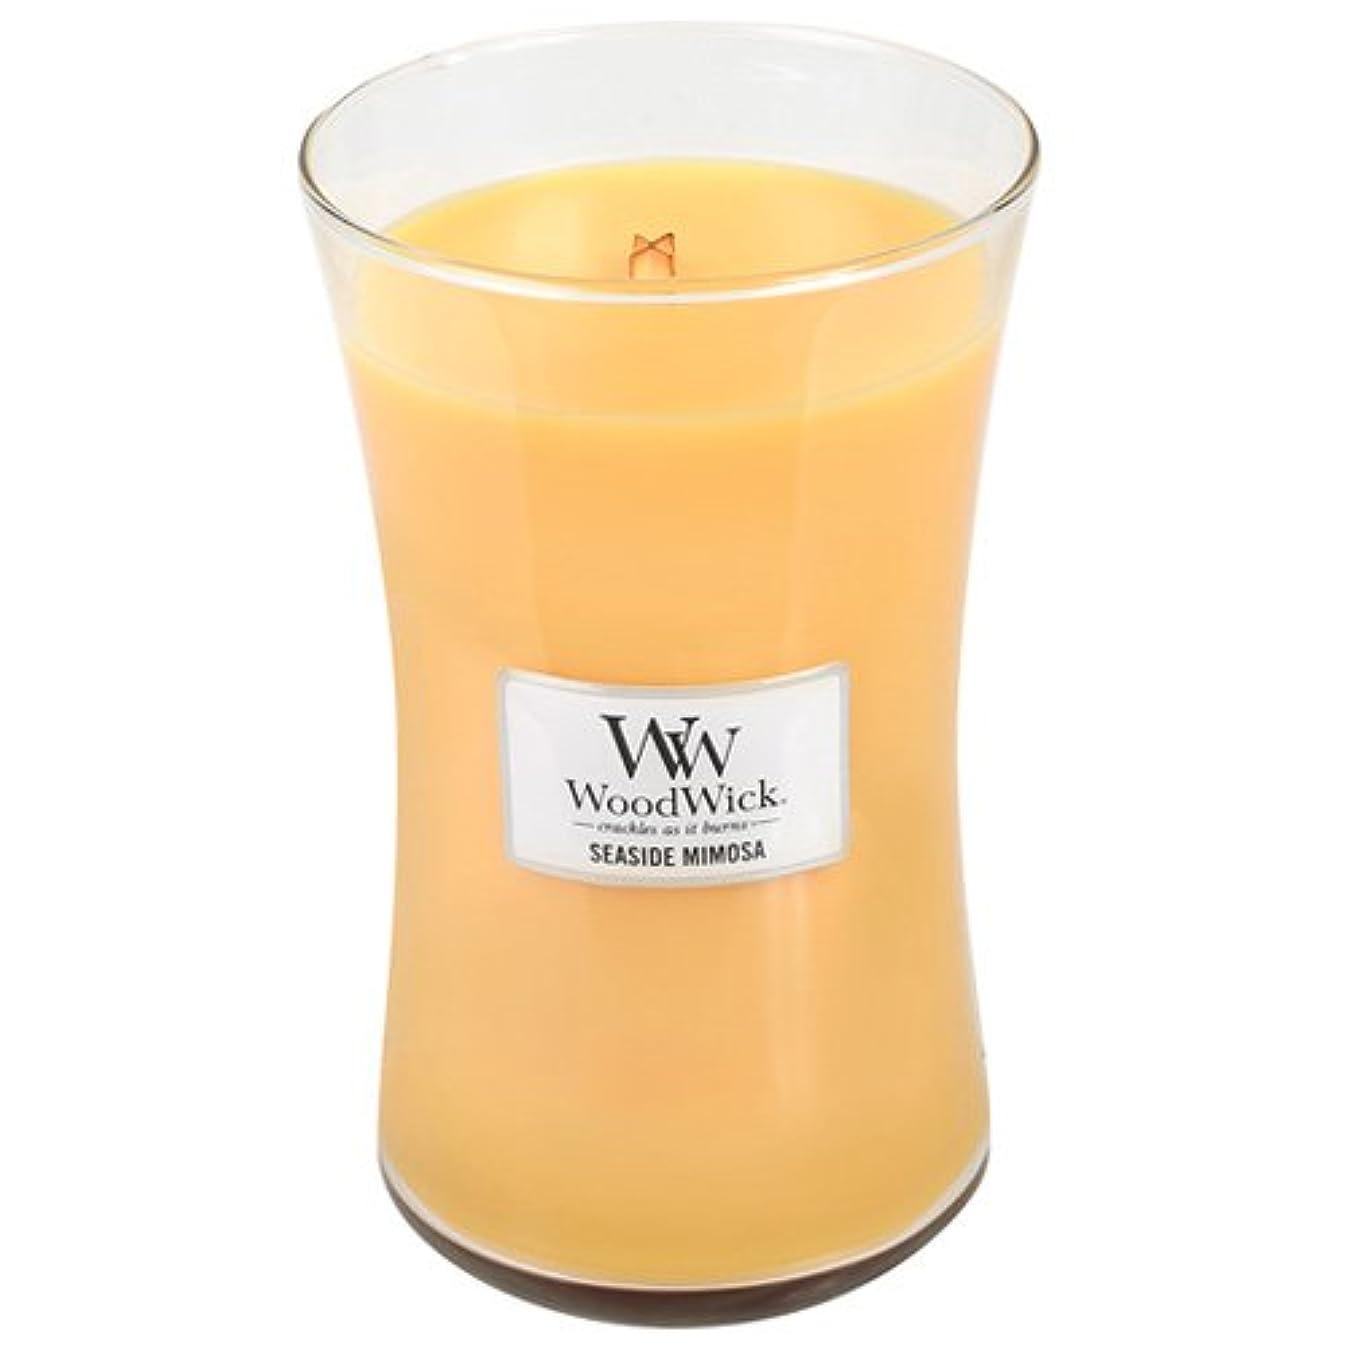 宿泊風味滅びるSeasideミモザWoodWick 22oz香りつきJar Candle Burns 180時間